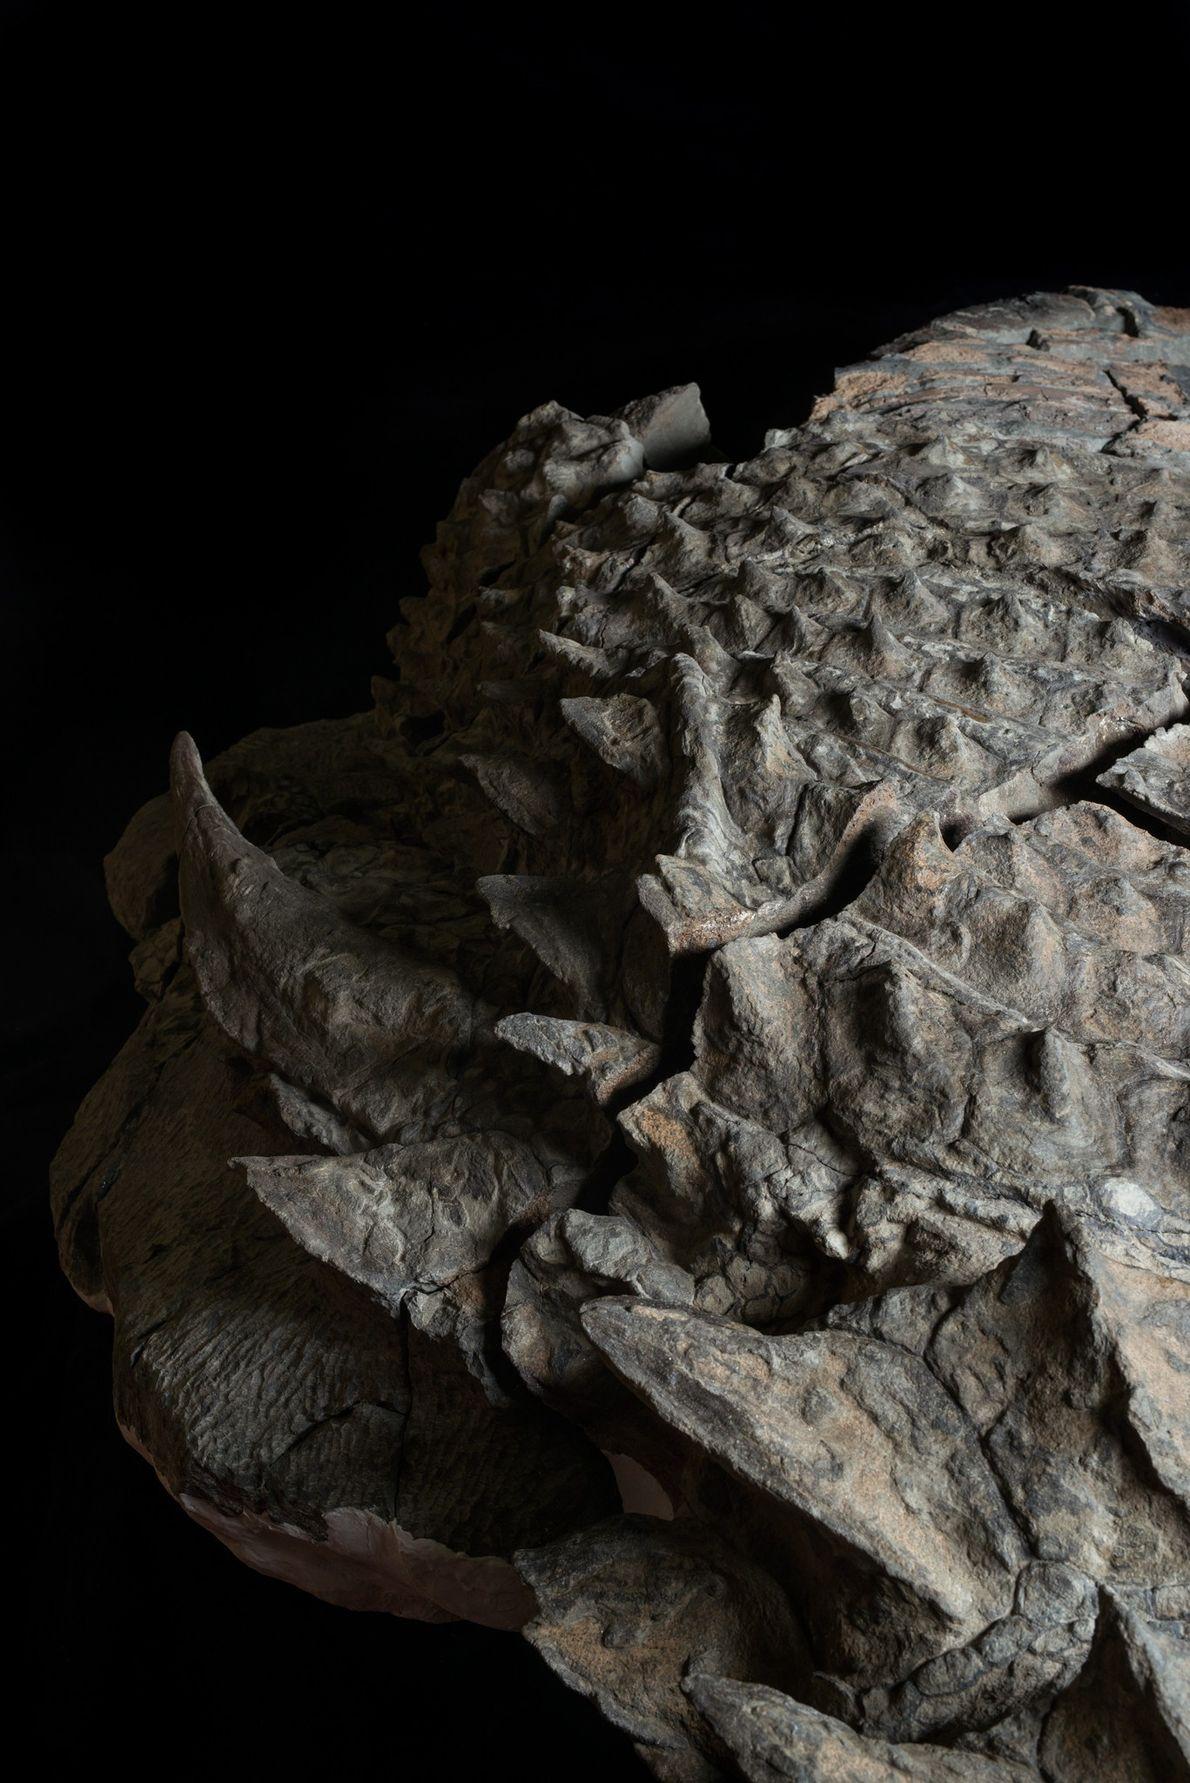 Contrairement aux membres plus connus appartenant à la famille Ankylosauridae, ce nodosaure ne possédait pas de ...